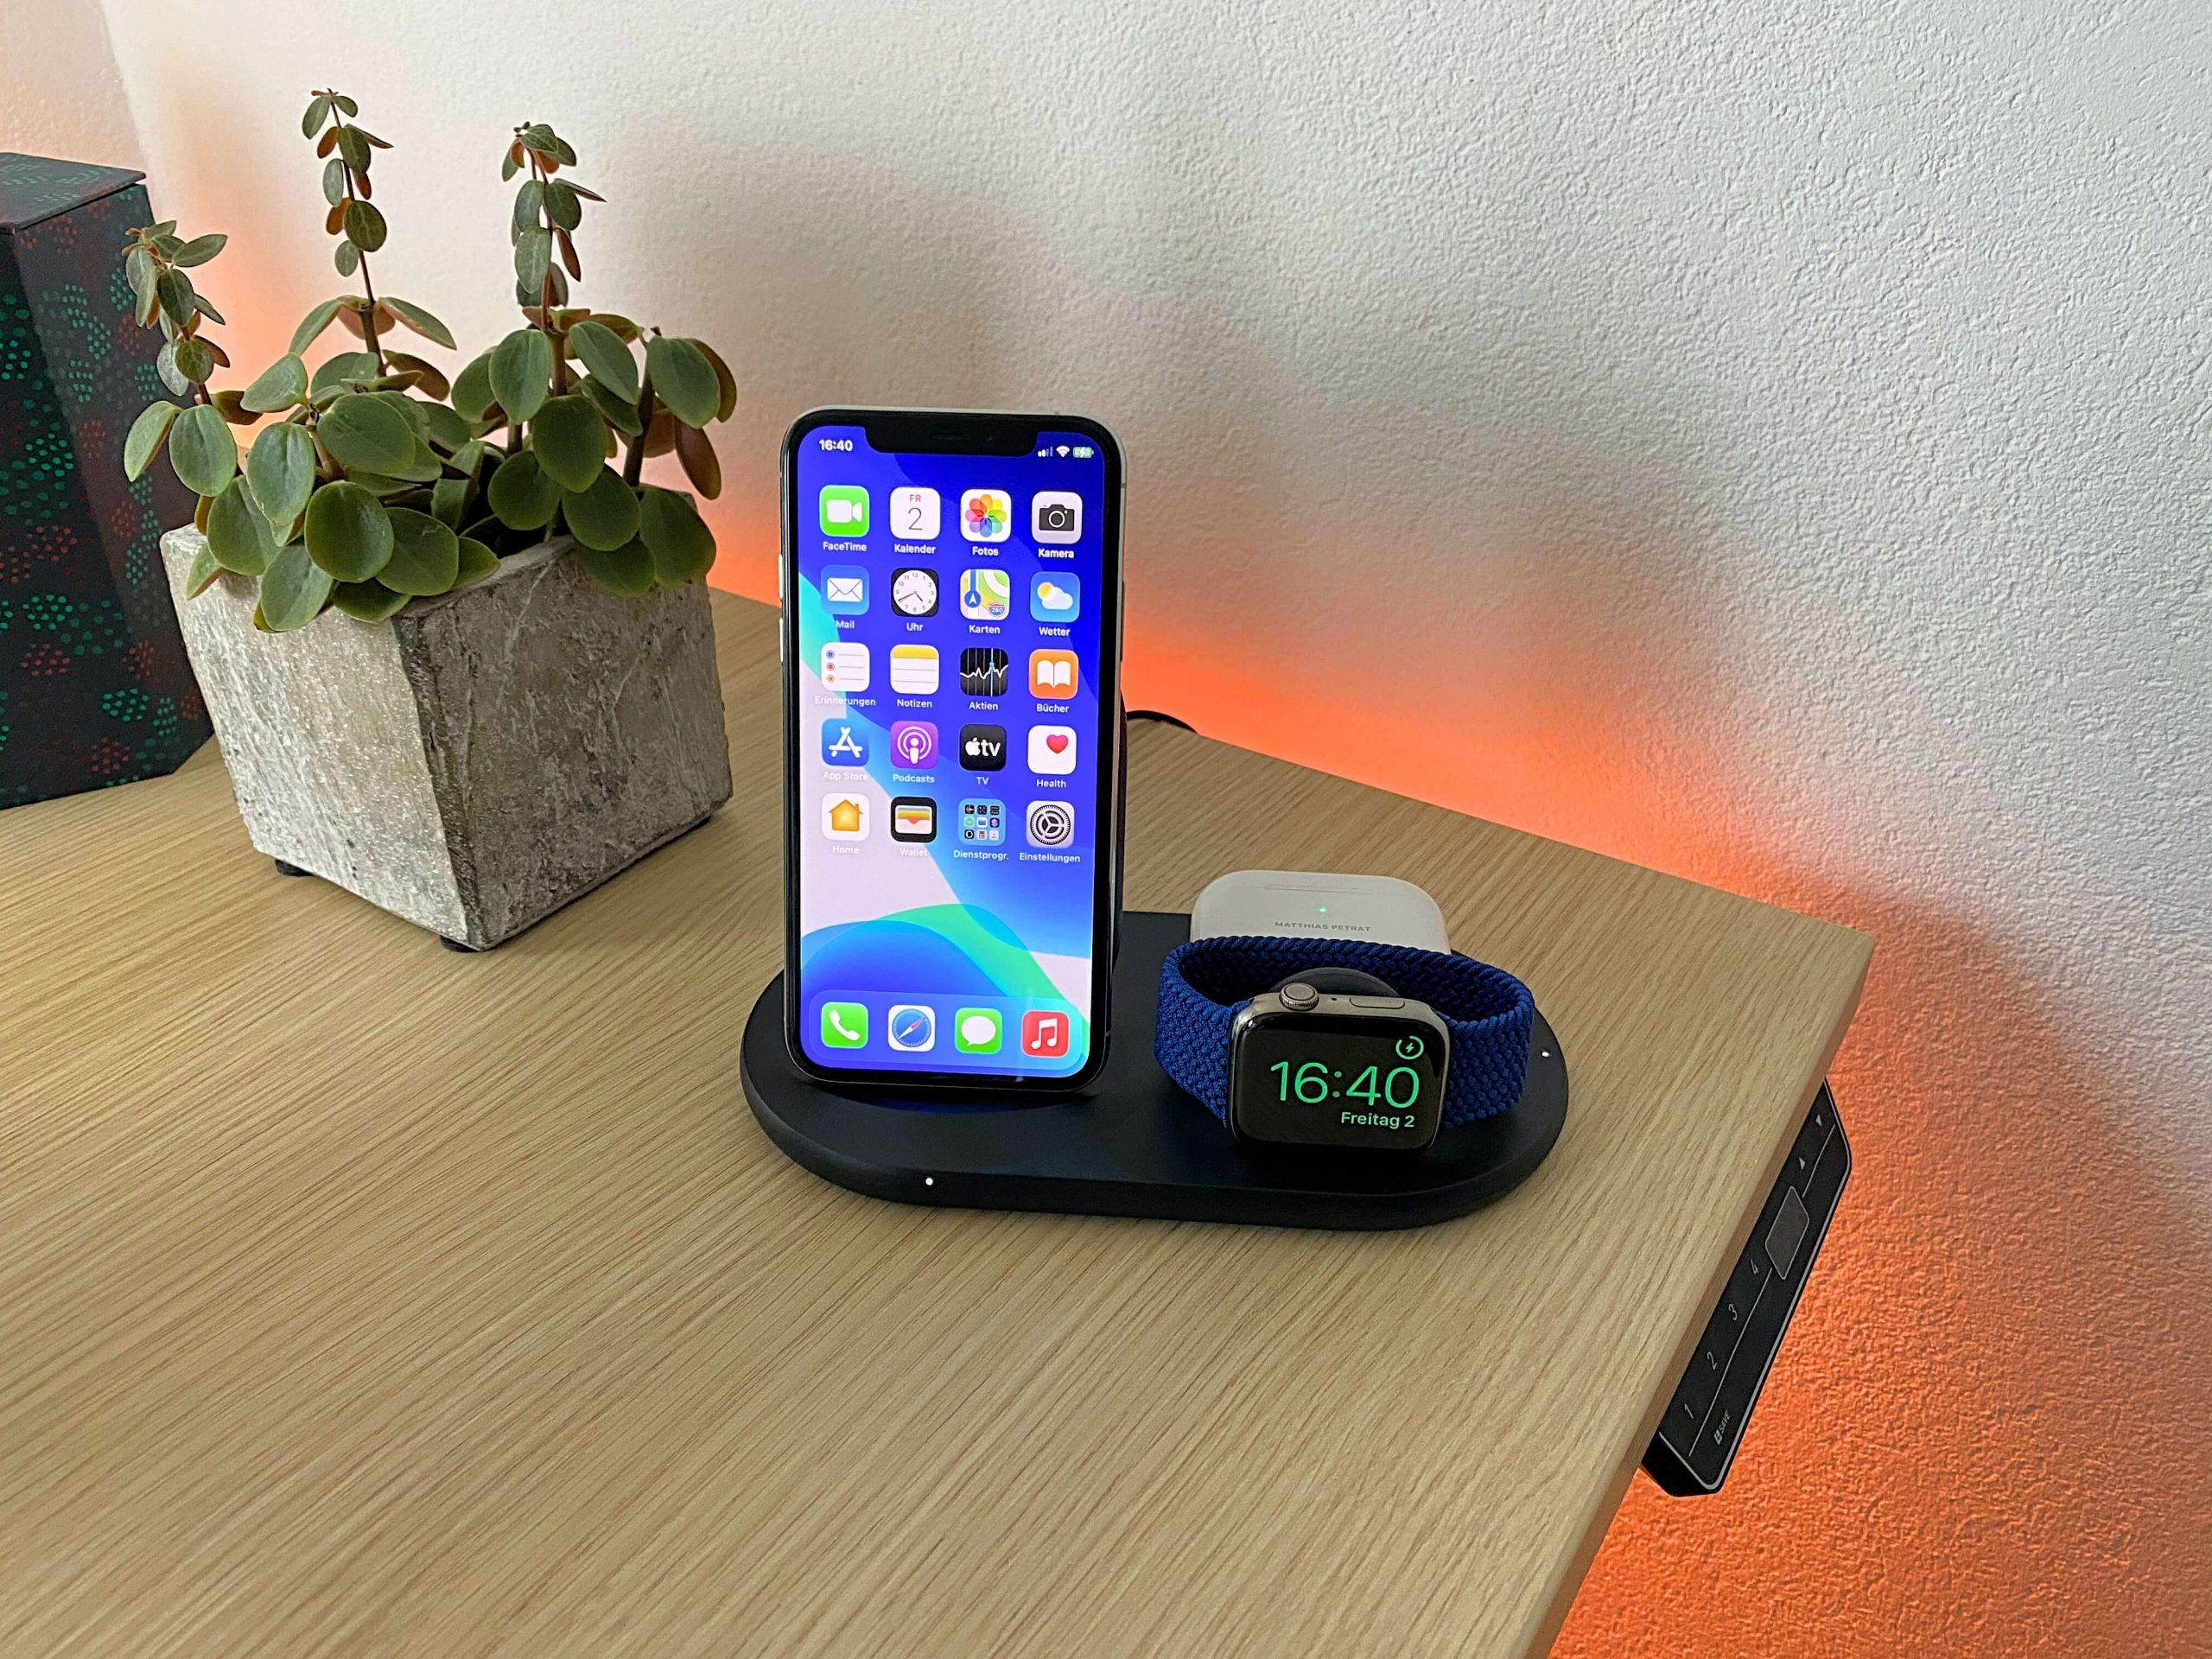 3-in-1-Wireless-Charger-von-Belkin-iPhone-Apple-Watch-und-AirPods-zeitgleich-laden3-scaled 3-in-1 Wireless Charger von Belkin - iPhone, Apple Watch und AirPods zeitgleich laden